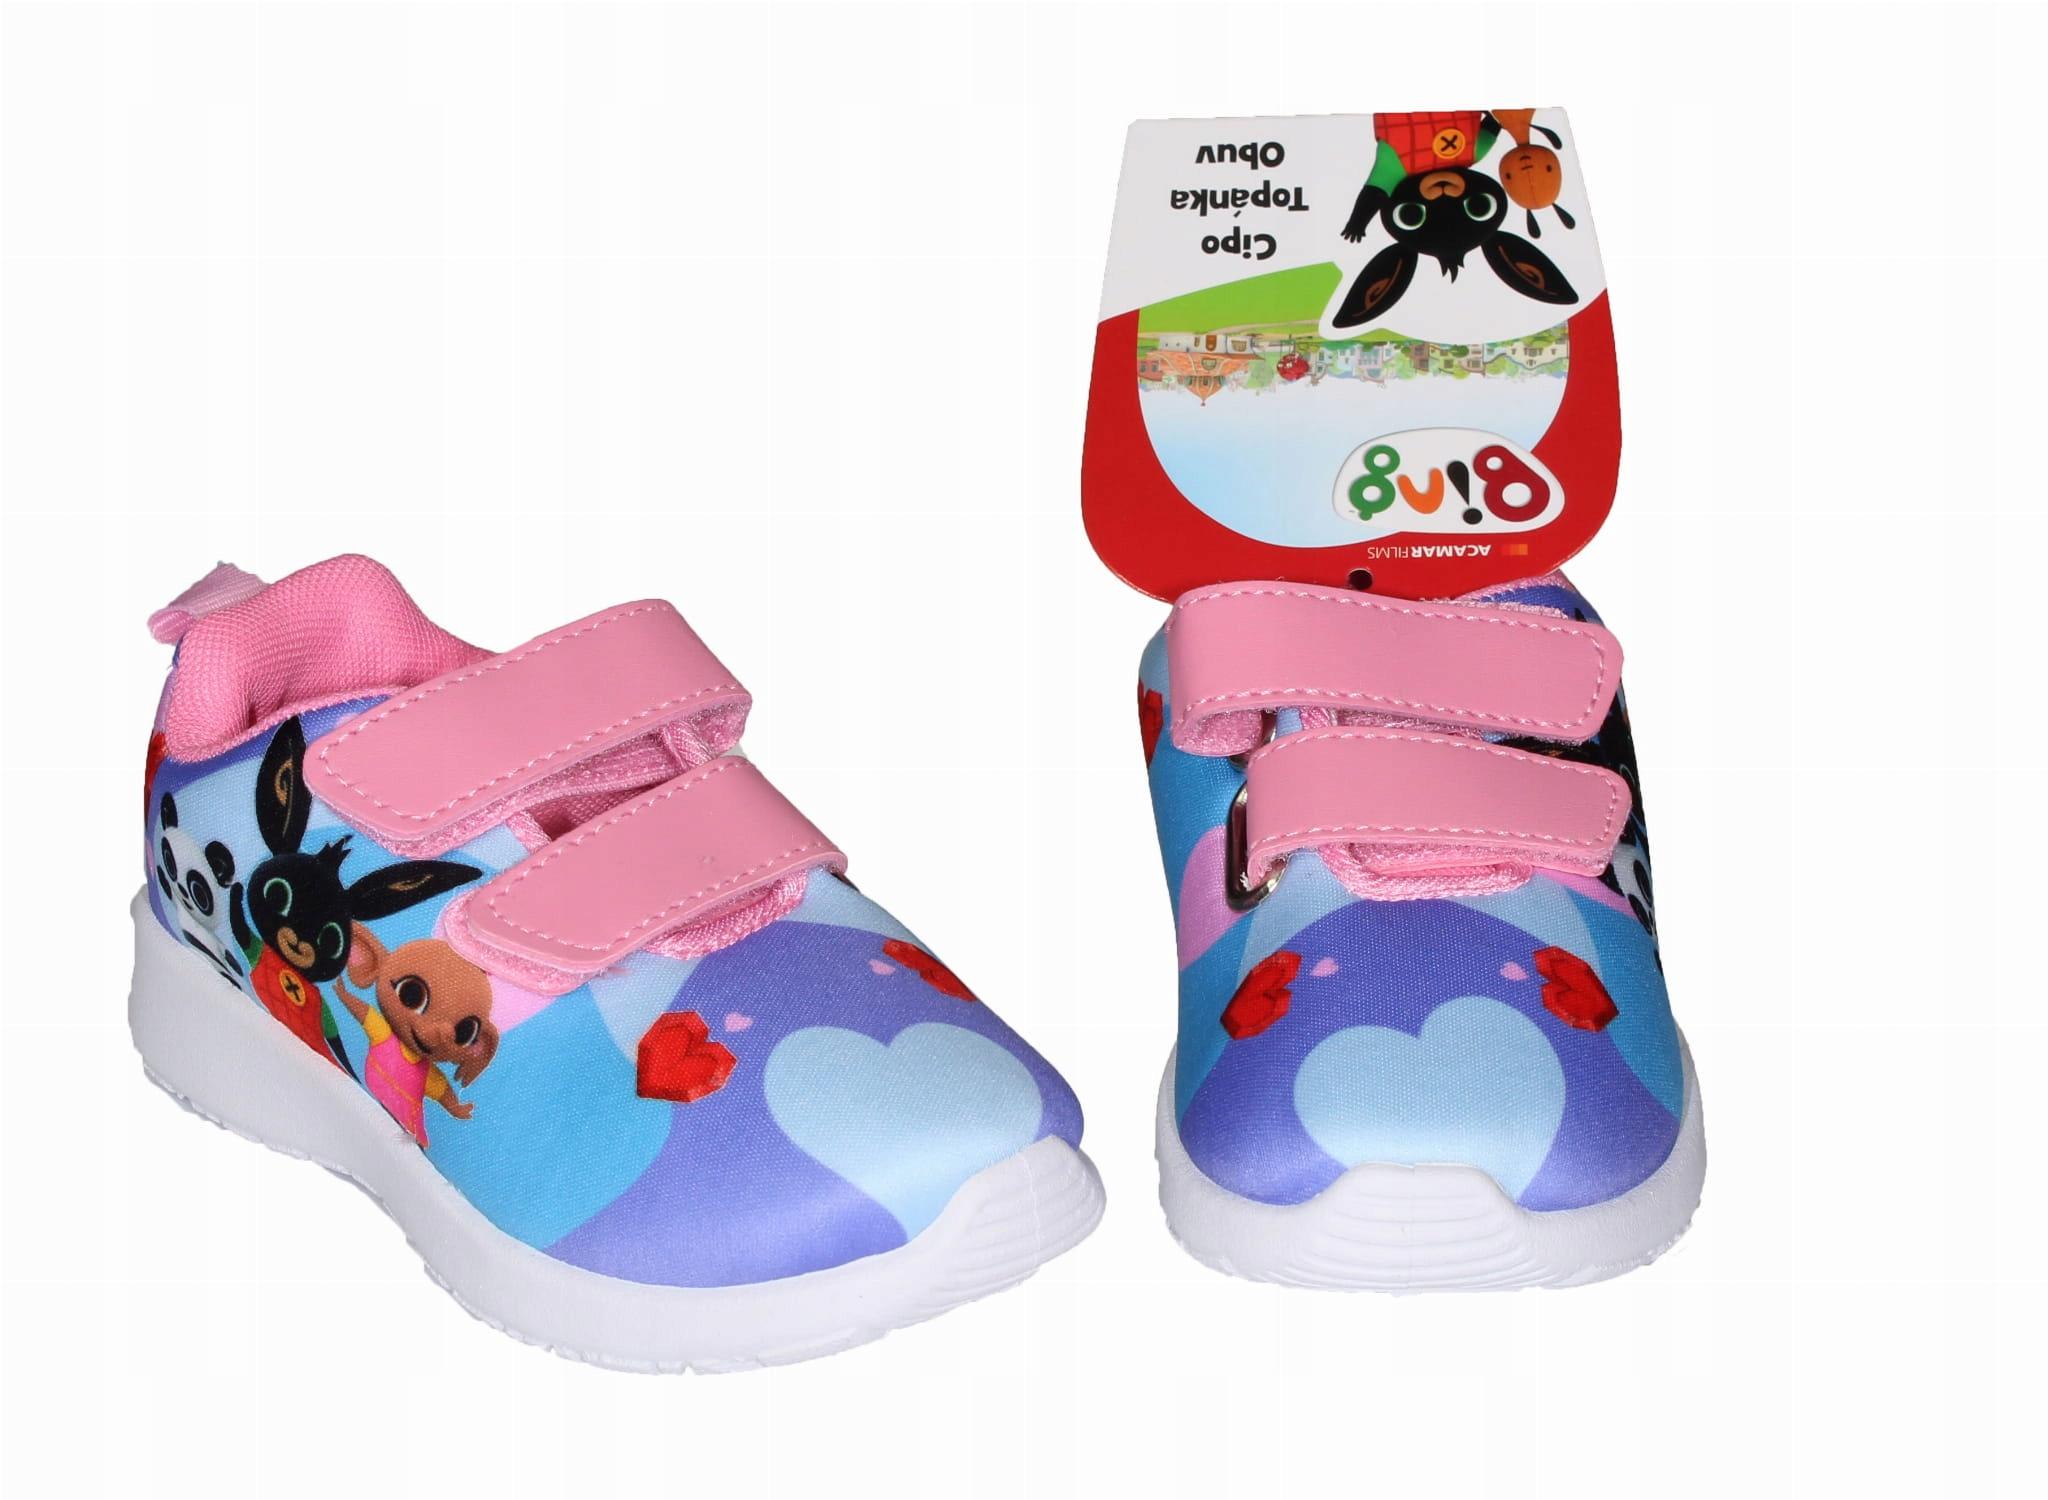 Športová obuv BING ADIDAS. 30 LICENCÍ